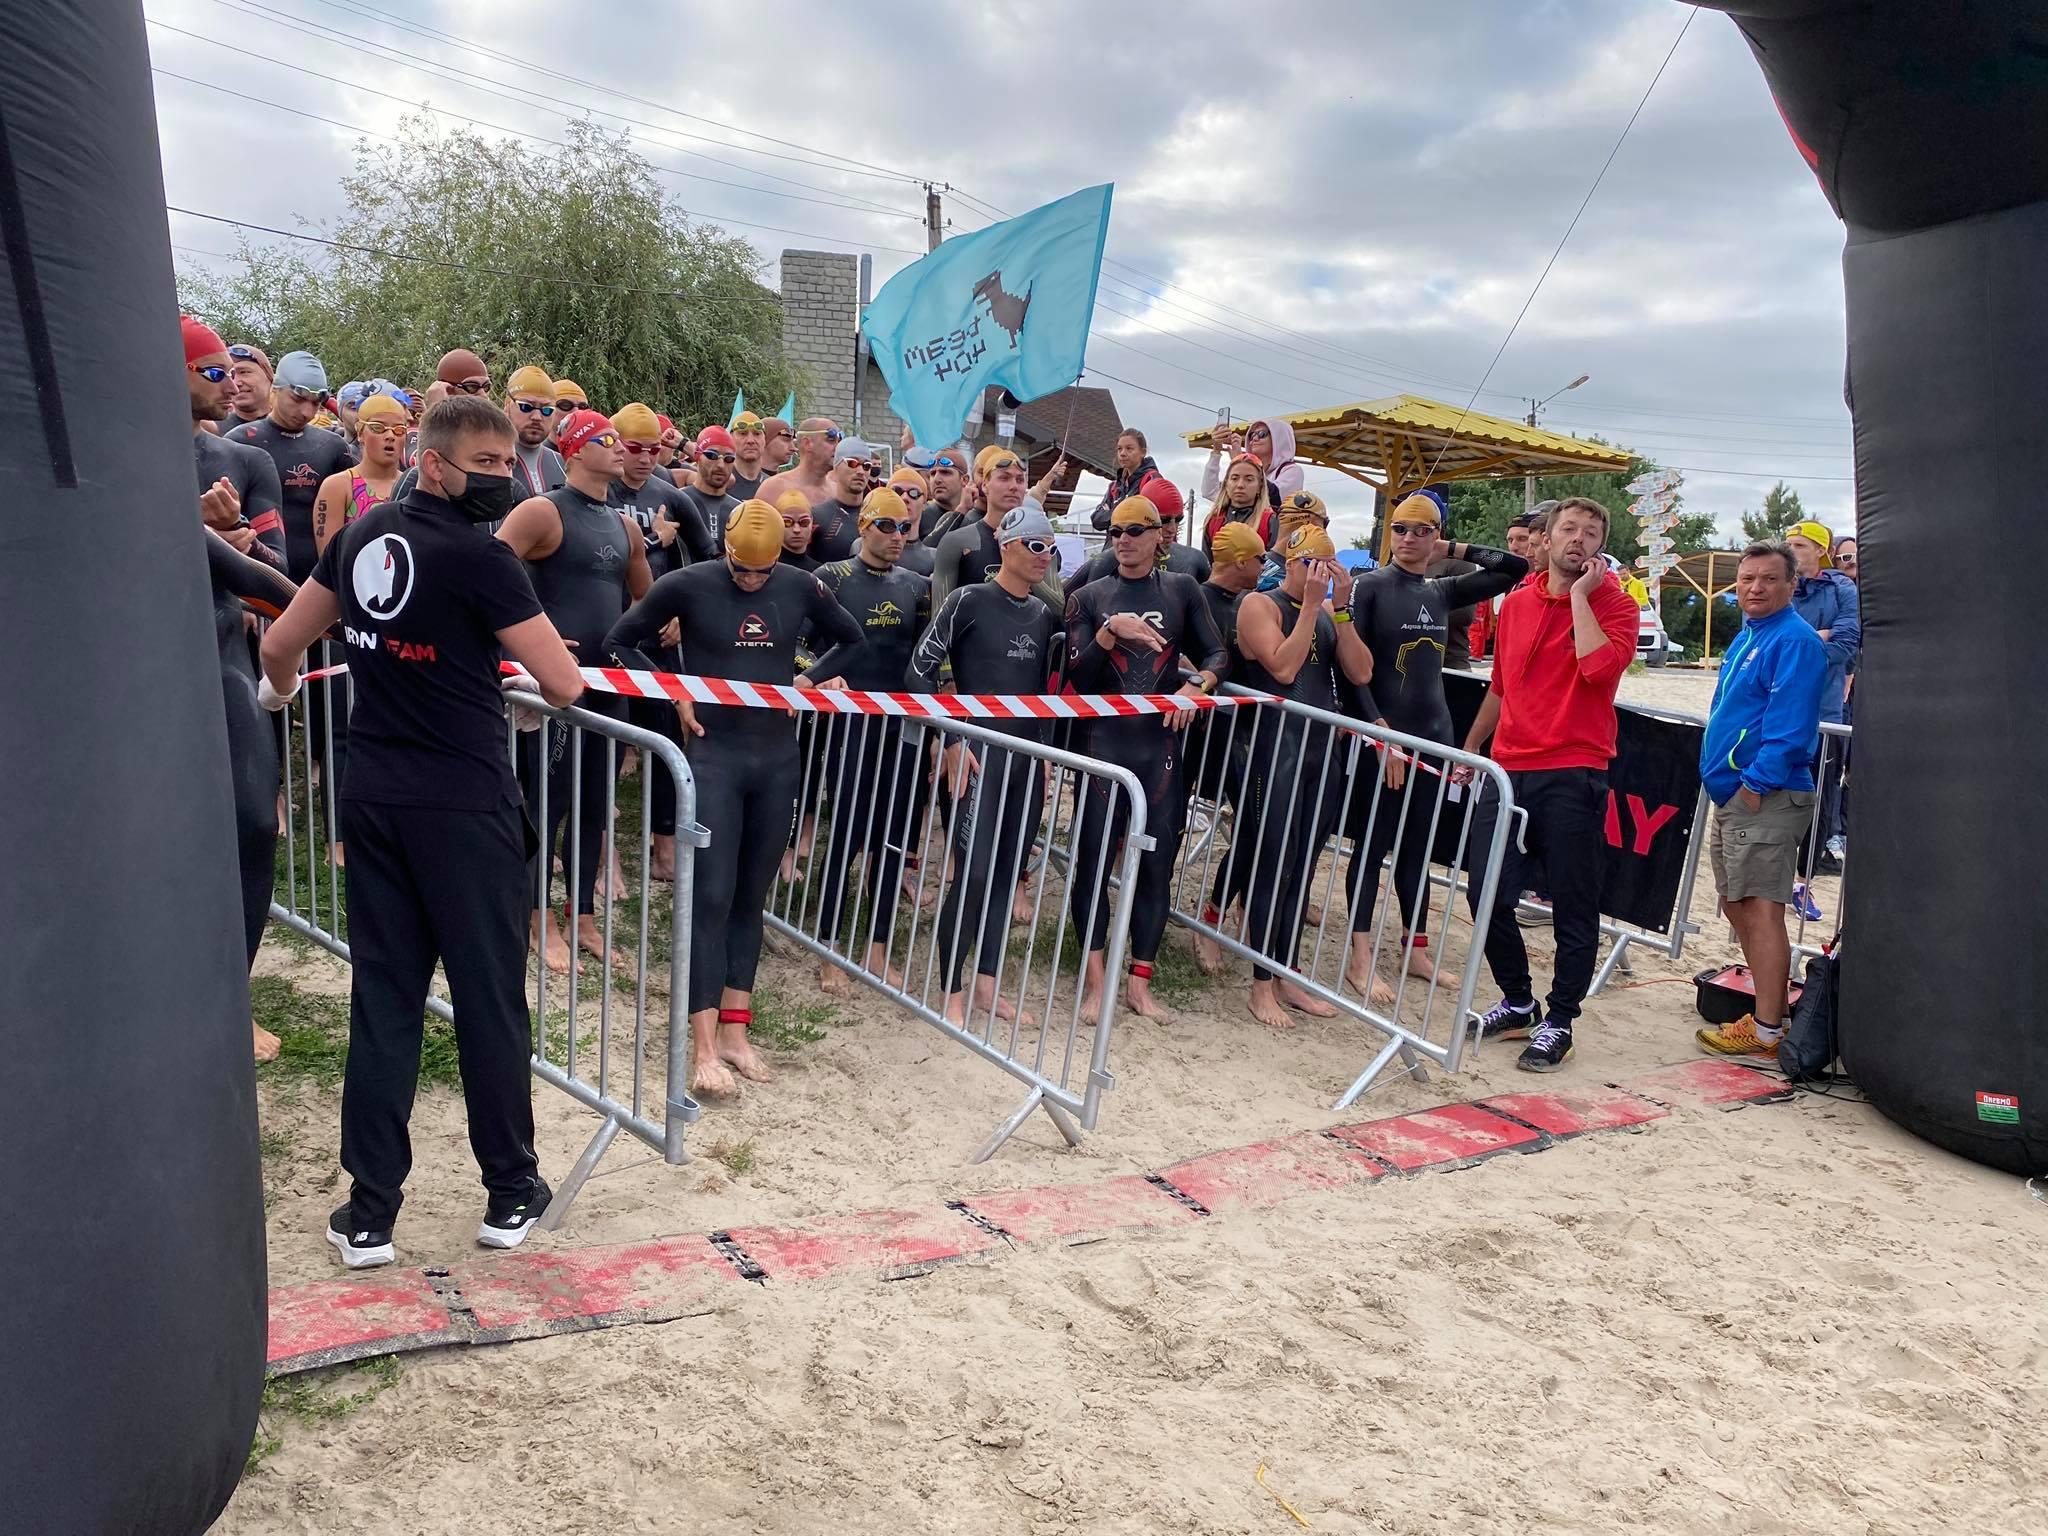 У Харкові визначилися перші фінішисти щорічних змагань з тріатлону (відео, фото)